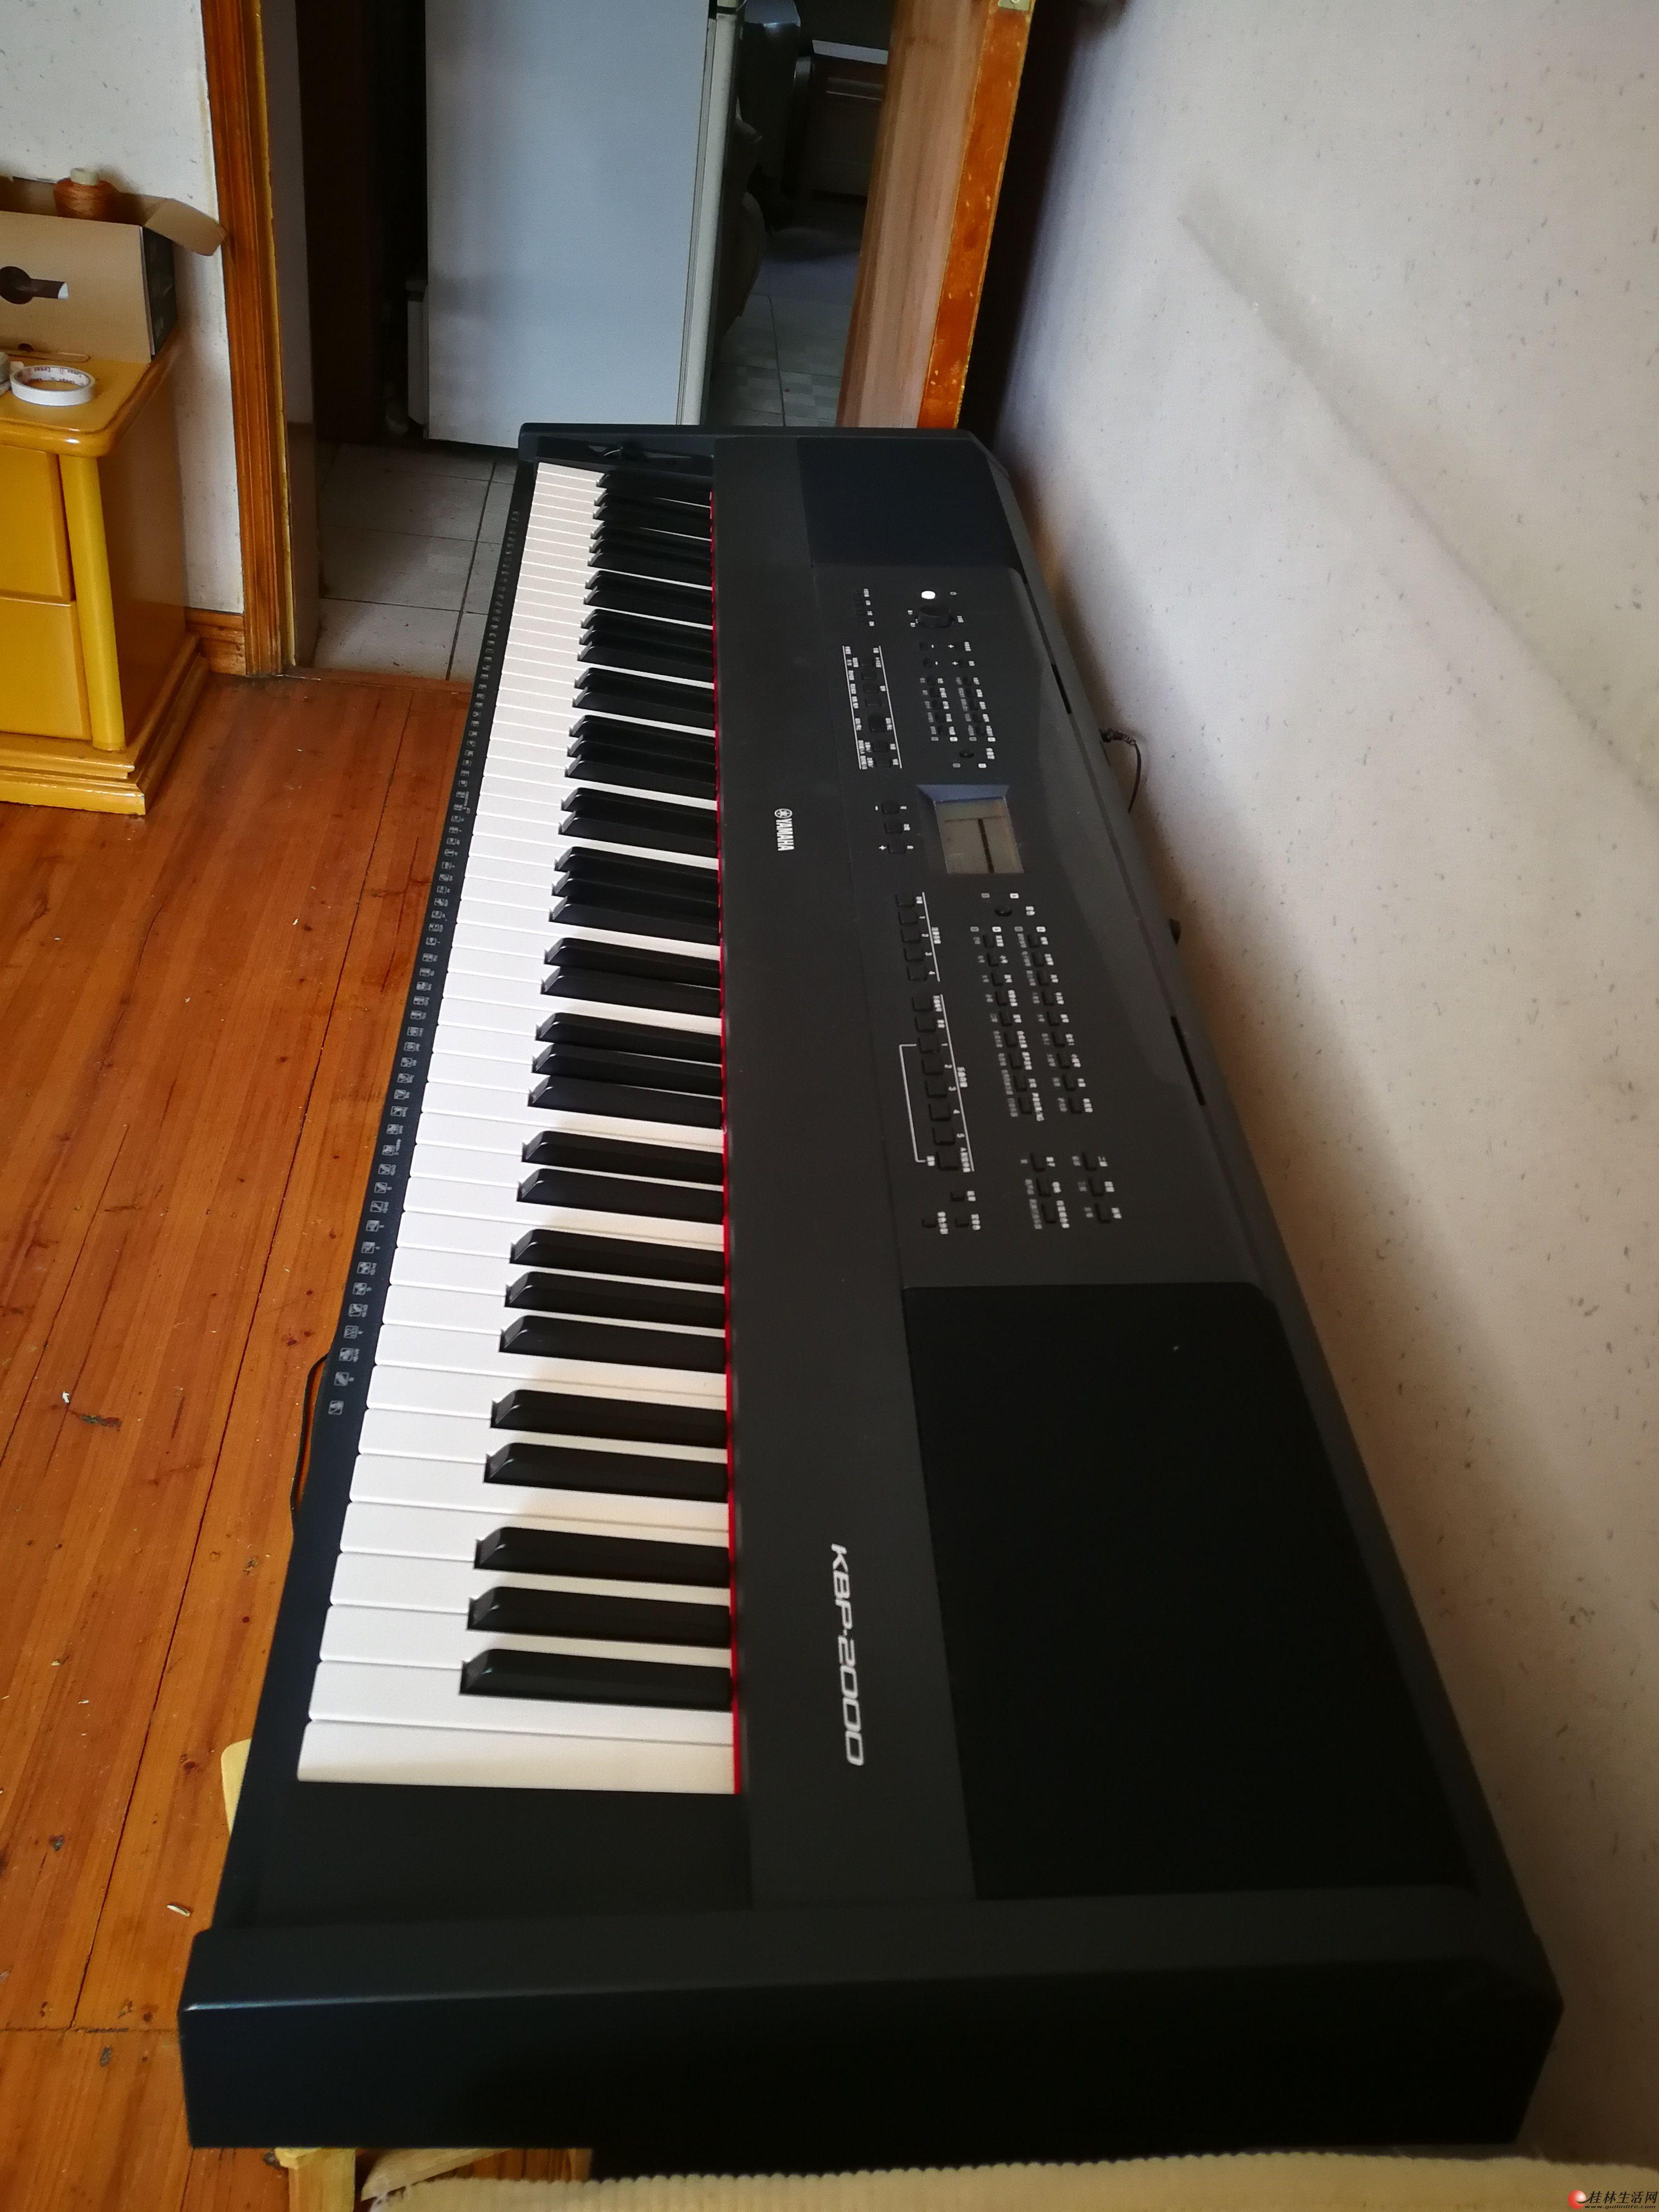 转让一台全新YAMAHA雅马哈电钢琴KBP2000